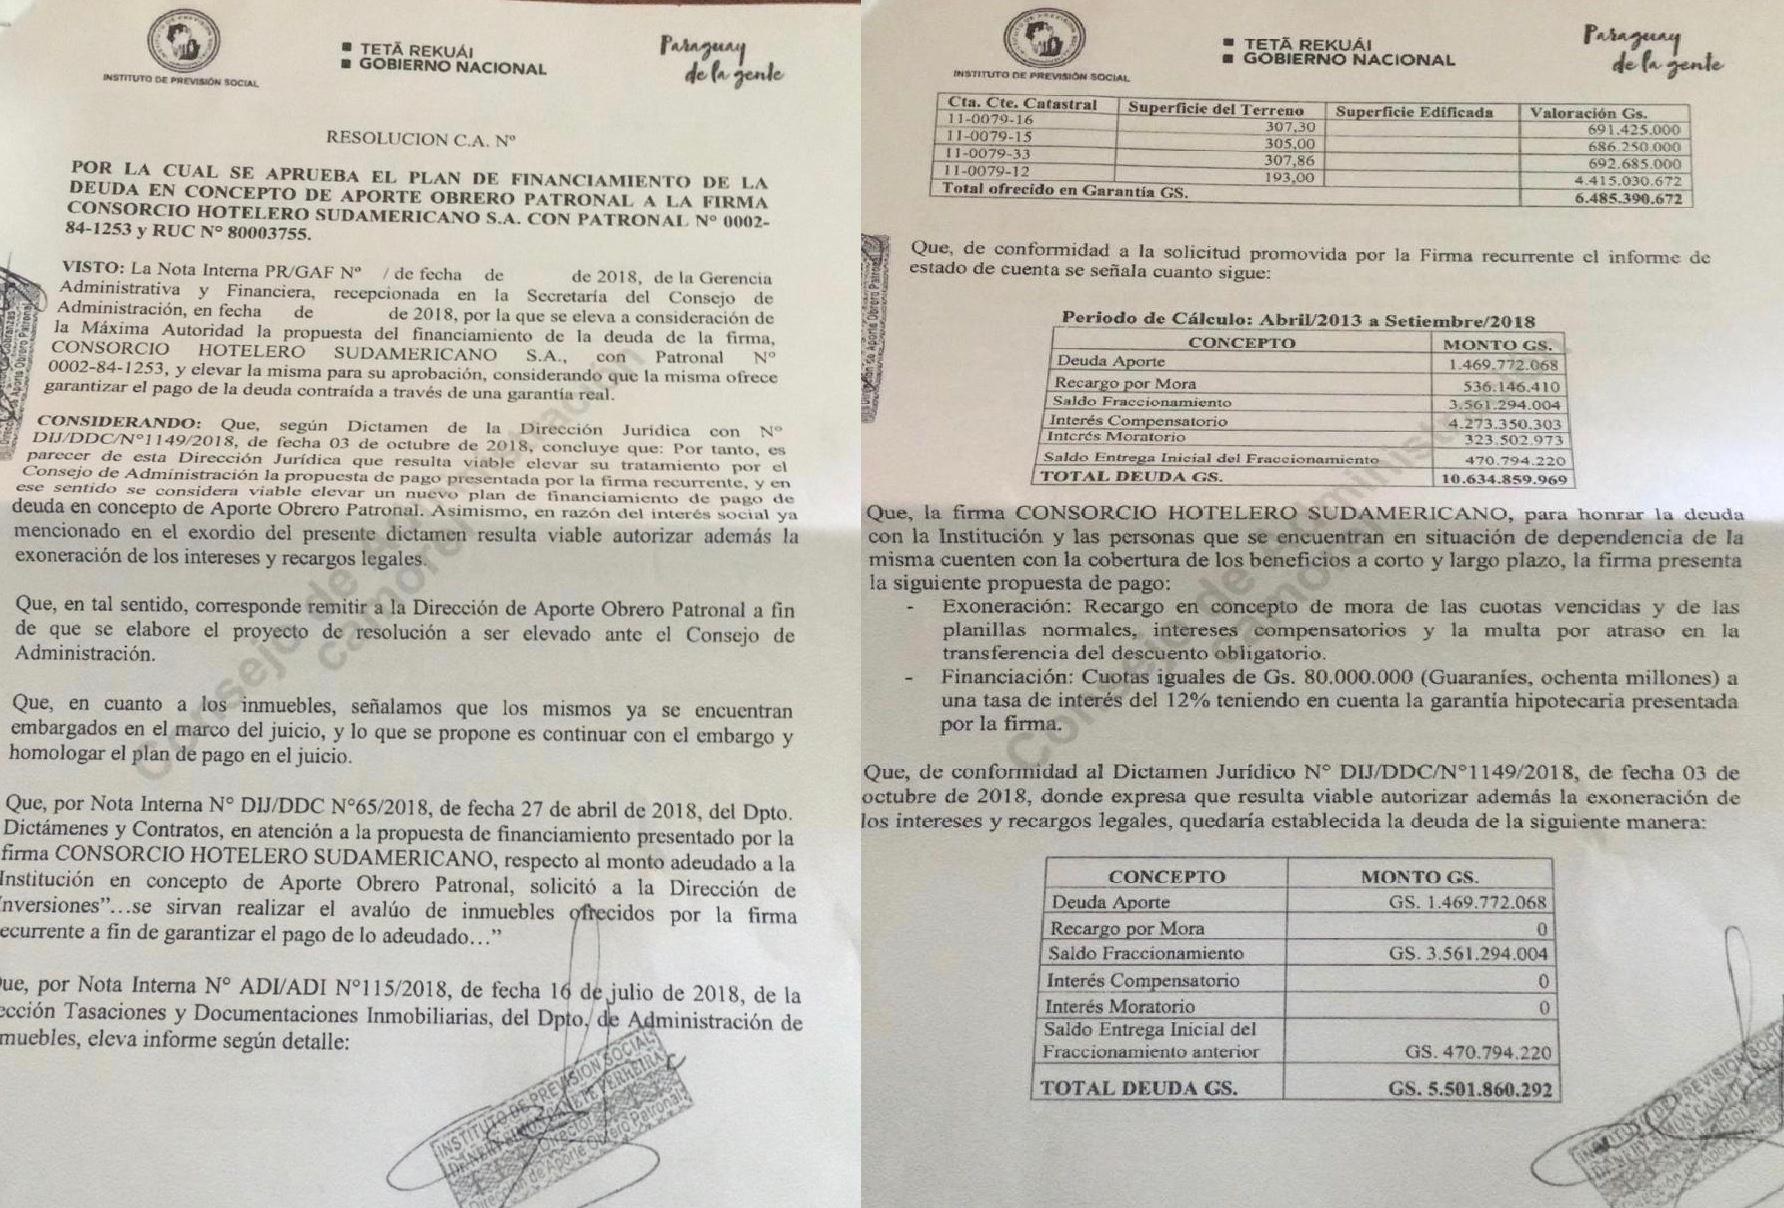 Documentos internos del IPS sobre la reconsideración de la deuda del Consorcio Hotelero y posterior aprobación del millonario descuento.